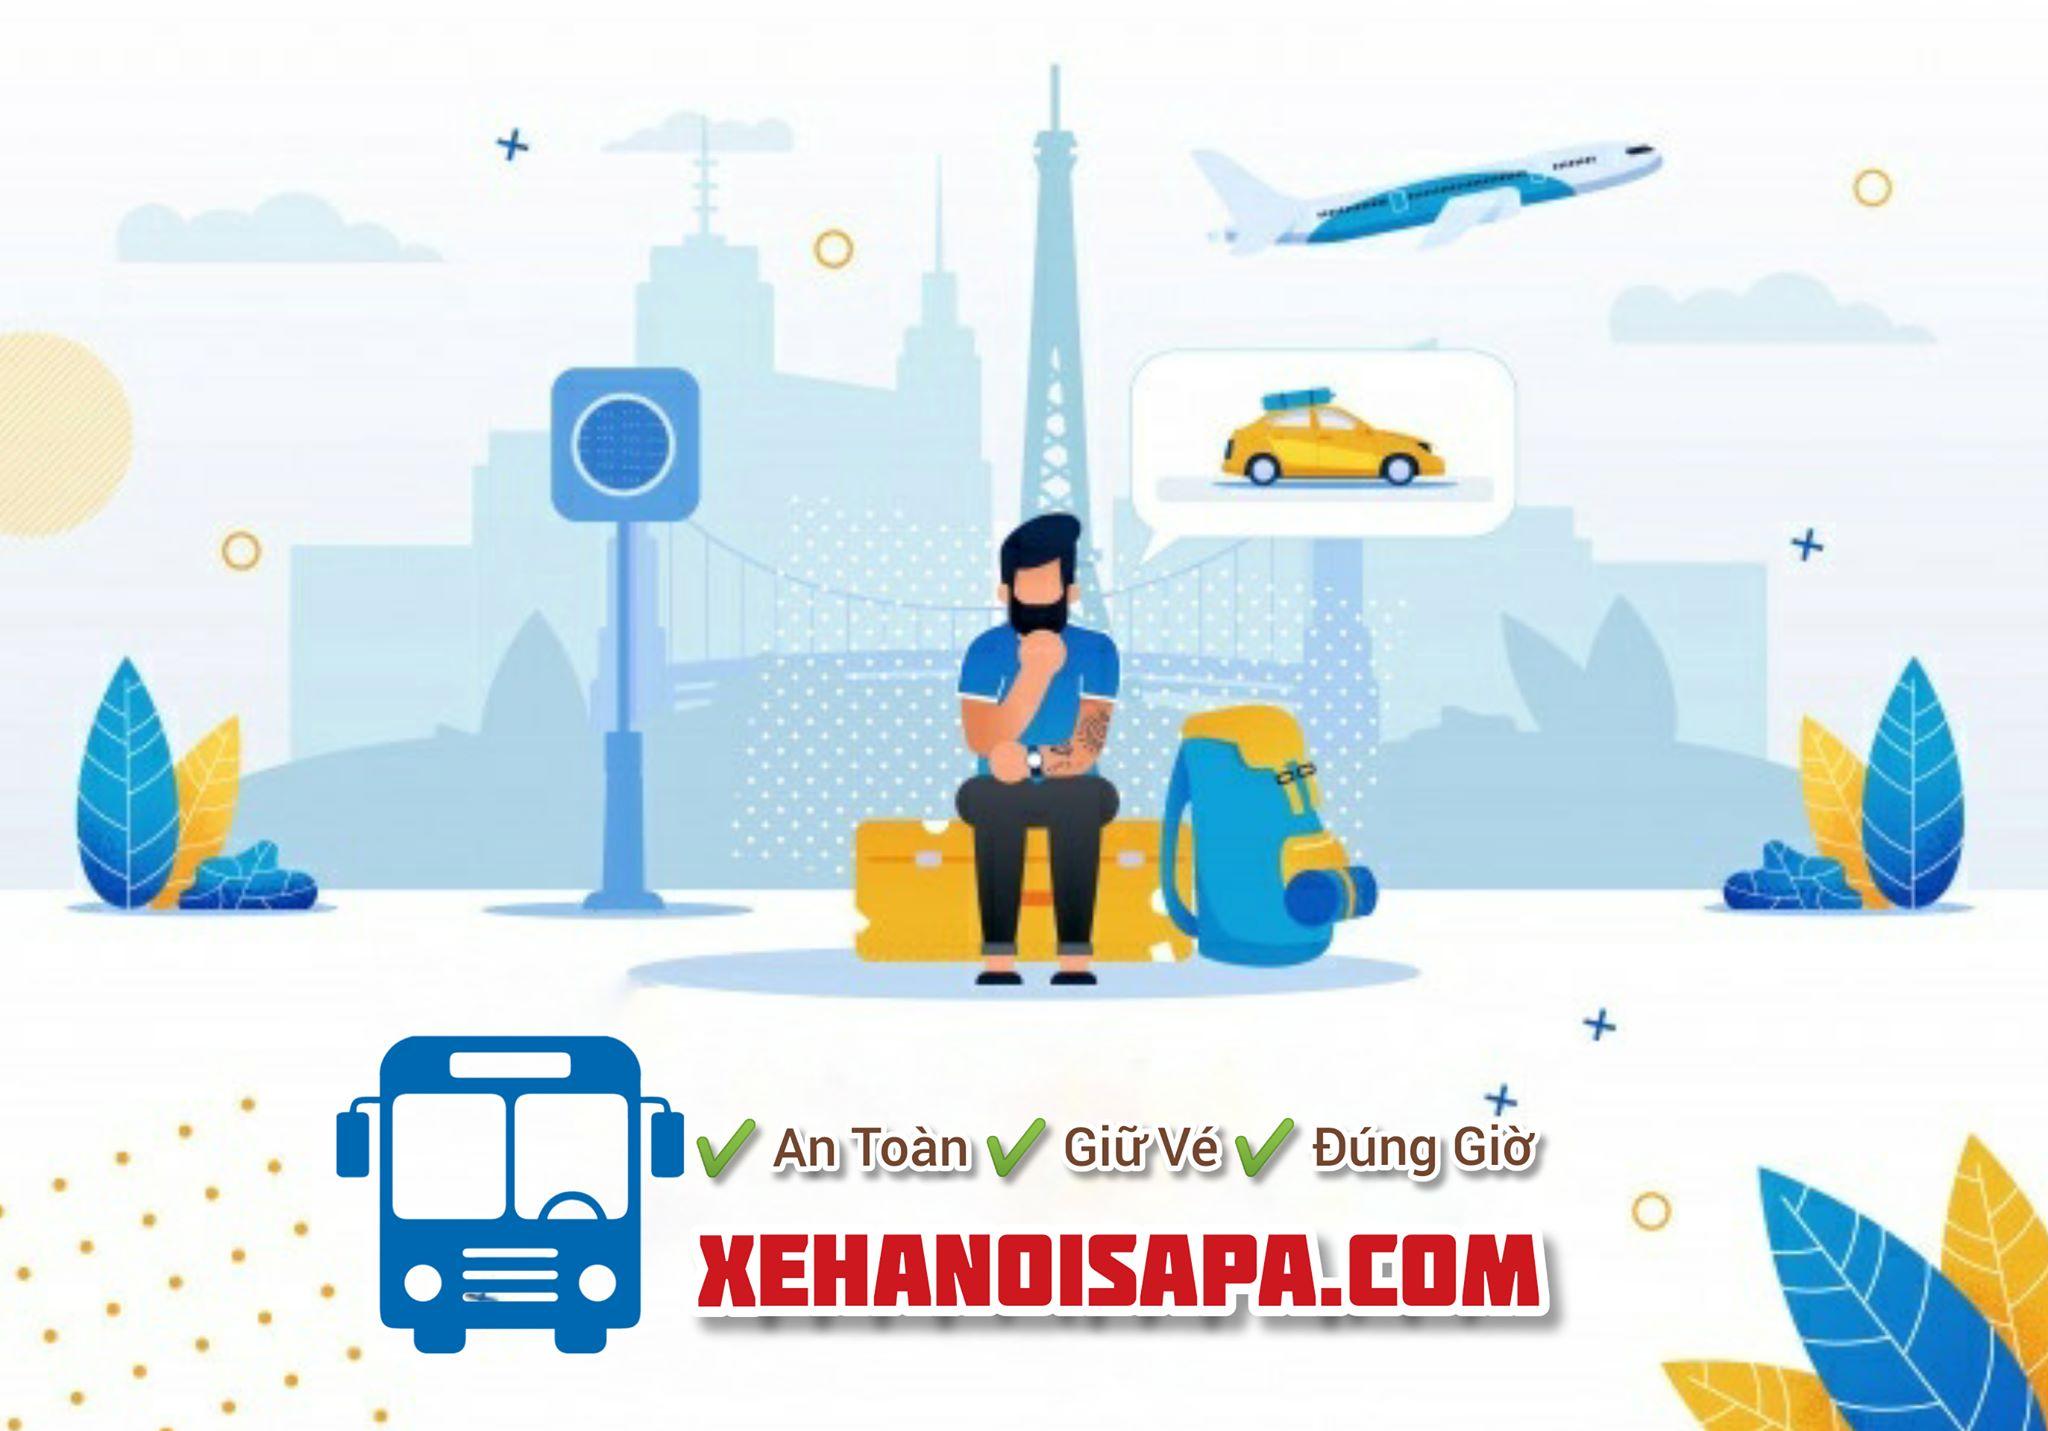 Hãng xe Daily Limousine - Đặt vé nhanh nhất tại Xehanoisapa.com